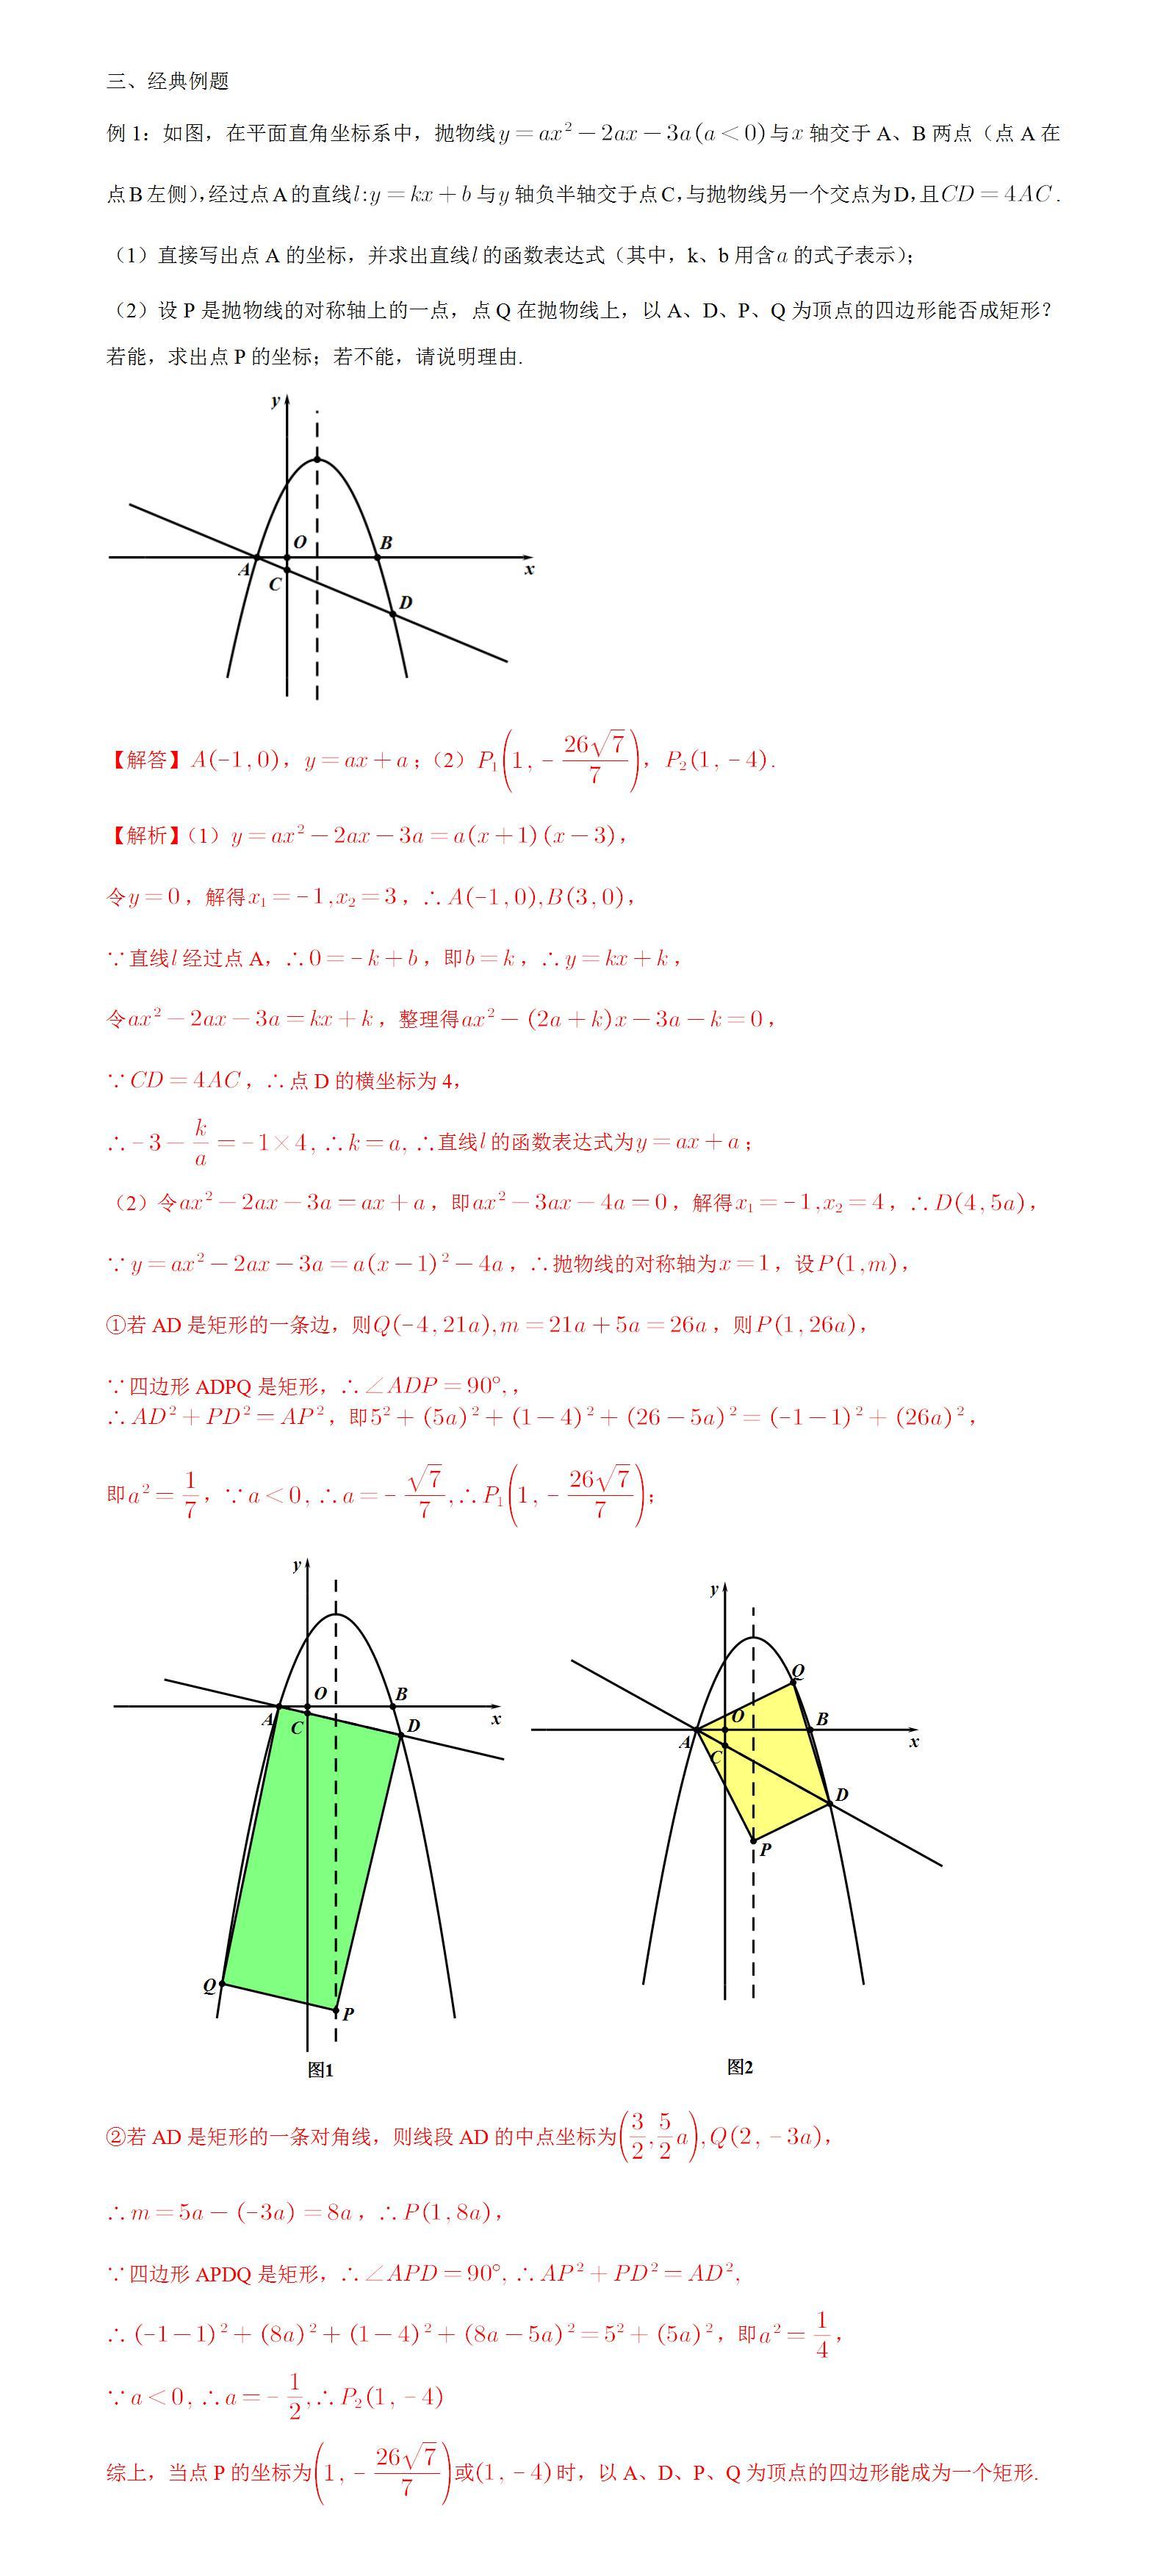 2020年初三数学矩形存在性问题知识精讲(三)